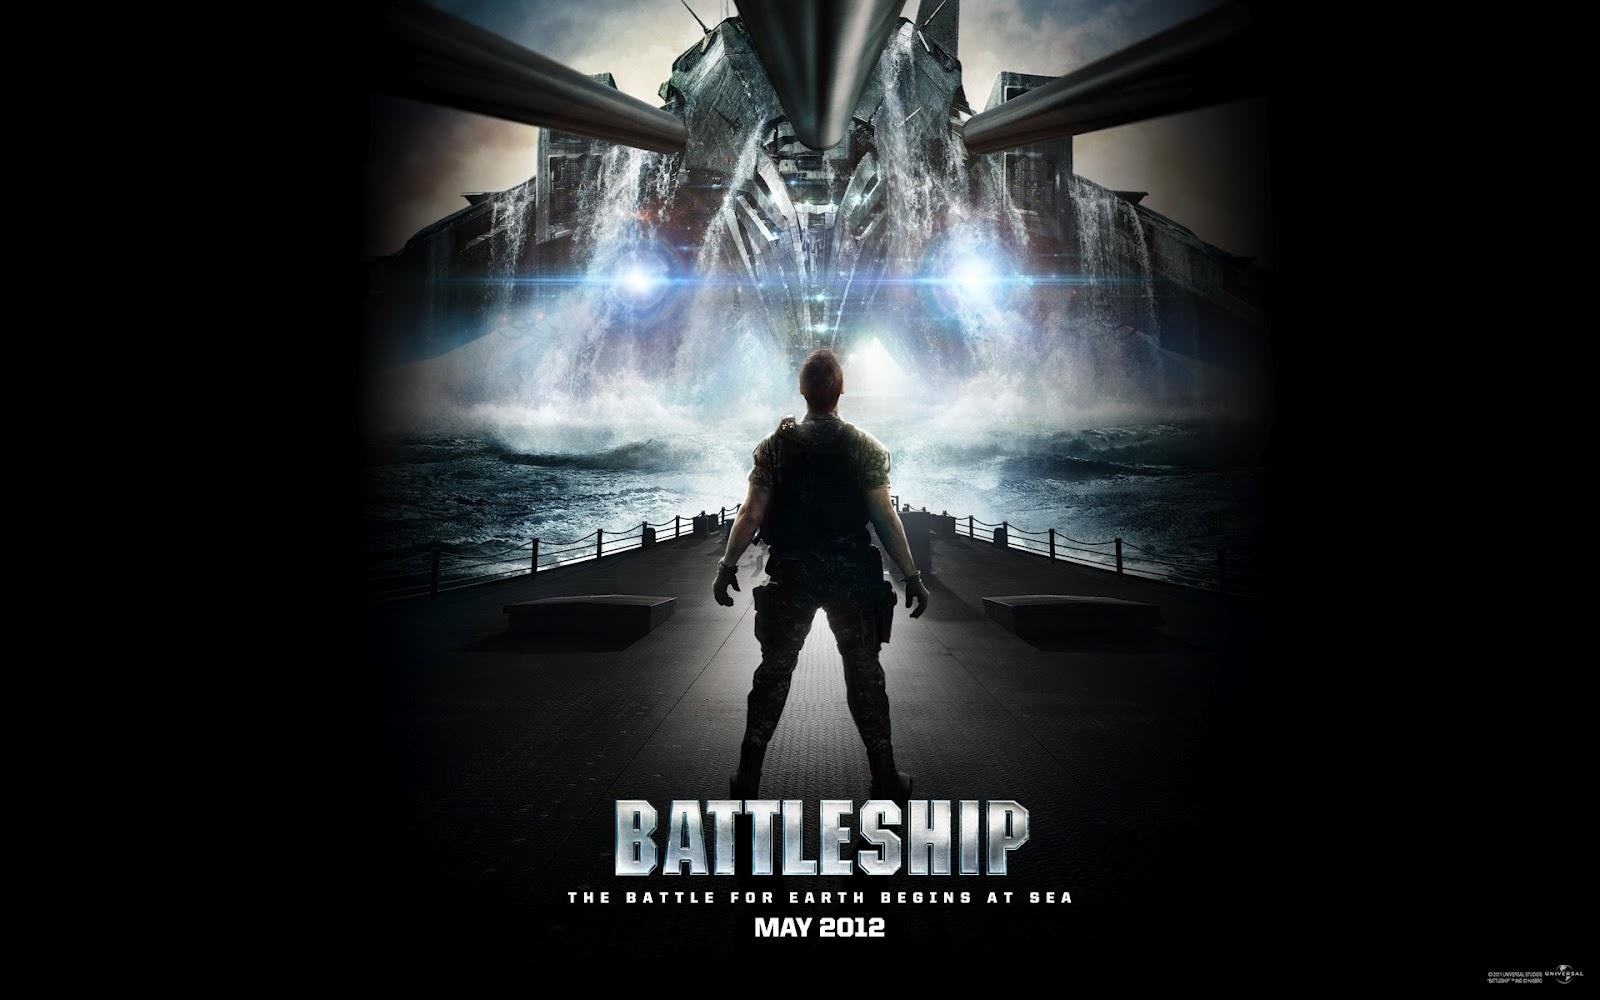 http://1.bp.blogspot.com/-5i4sQpADluw/T5wrhe3FVsI/AAAAAAAAACk/gZDwUpuff-E/s1600/battleship+2012.jpg